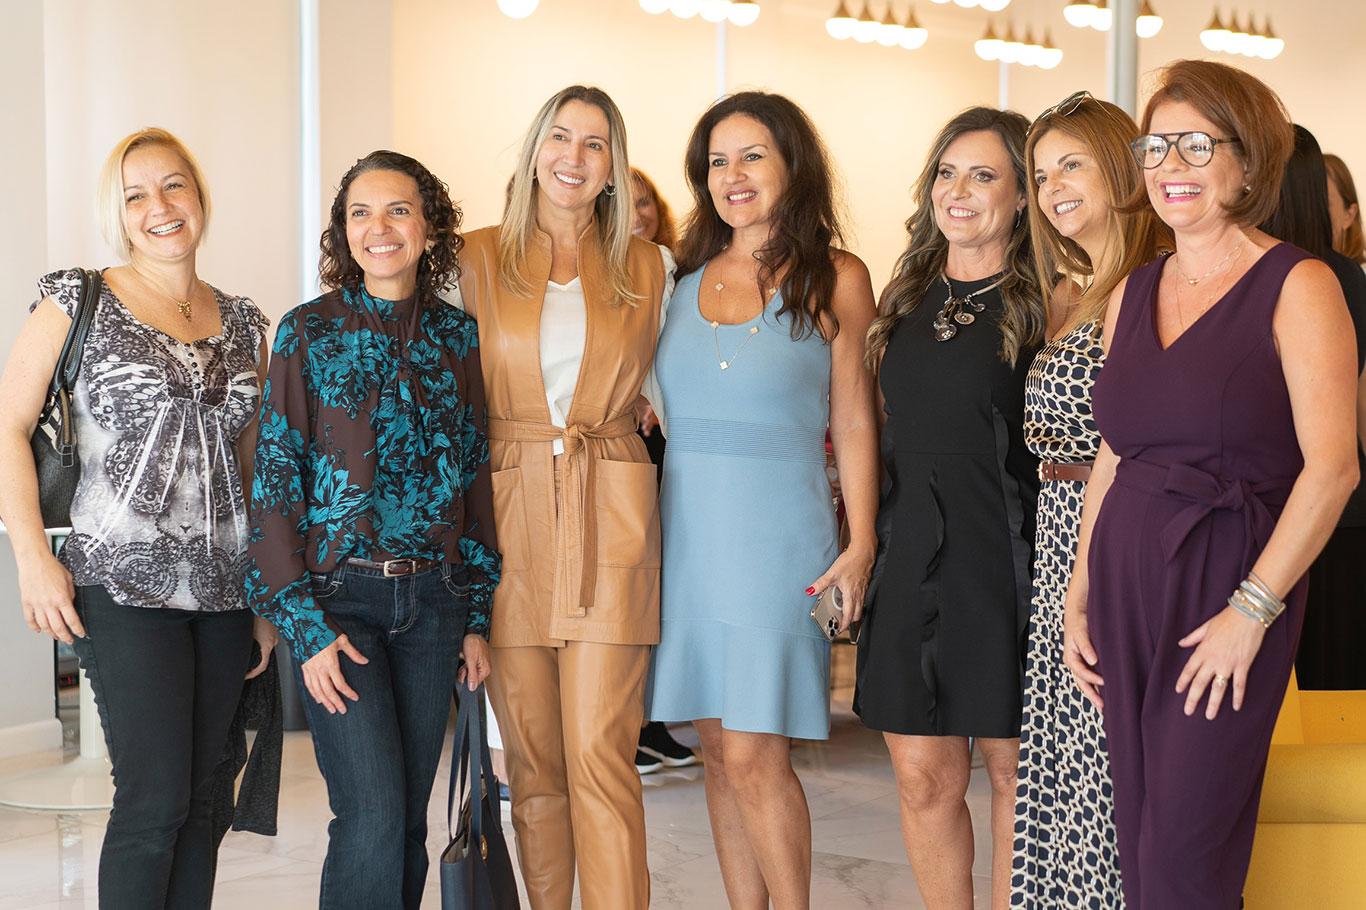 Grupo Mulheres do Brasil retoma os encontros presenciais no Sul da Flórida